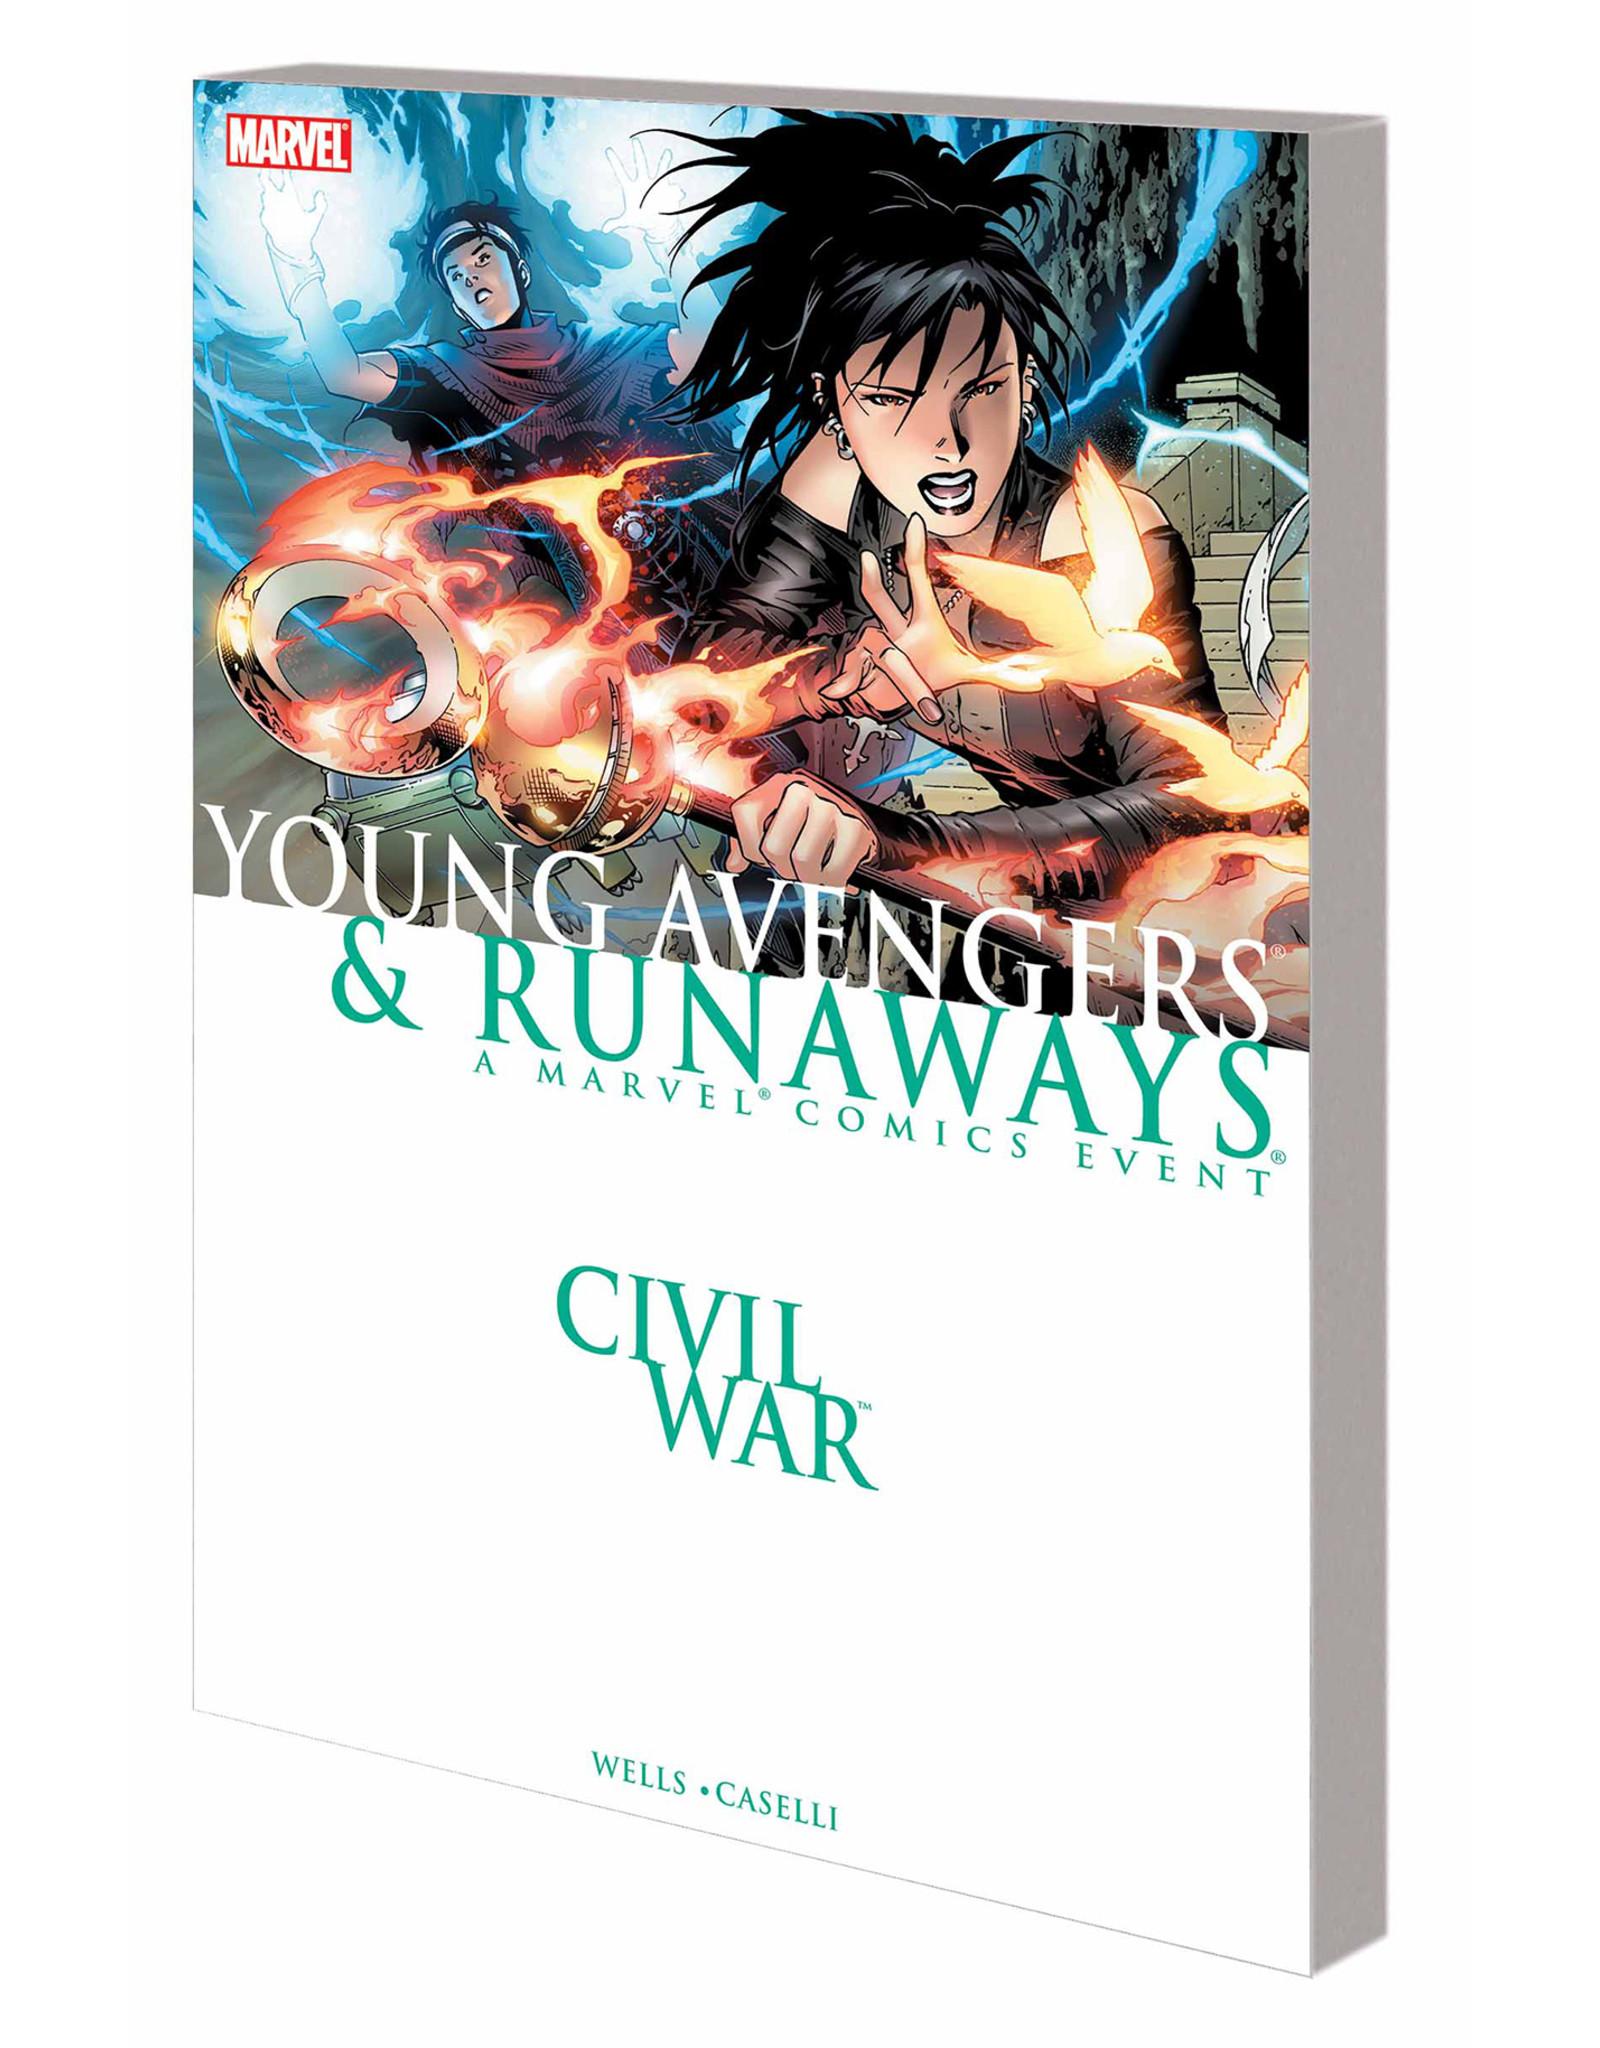 MARVEL COMICS CIVIL WAR YOUNG AVENGERS & RUNAWAYS TP